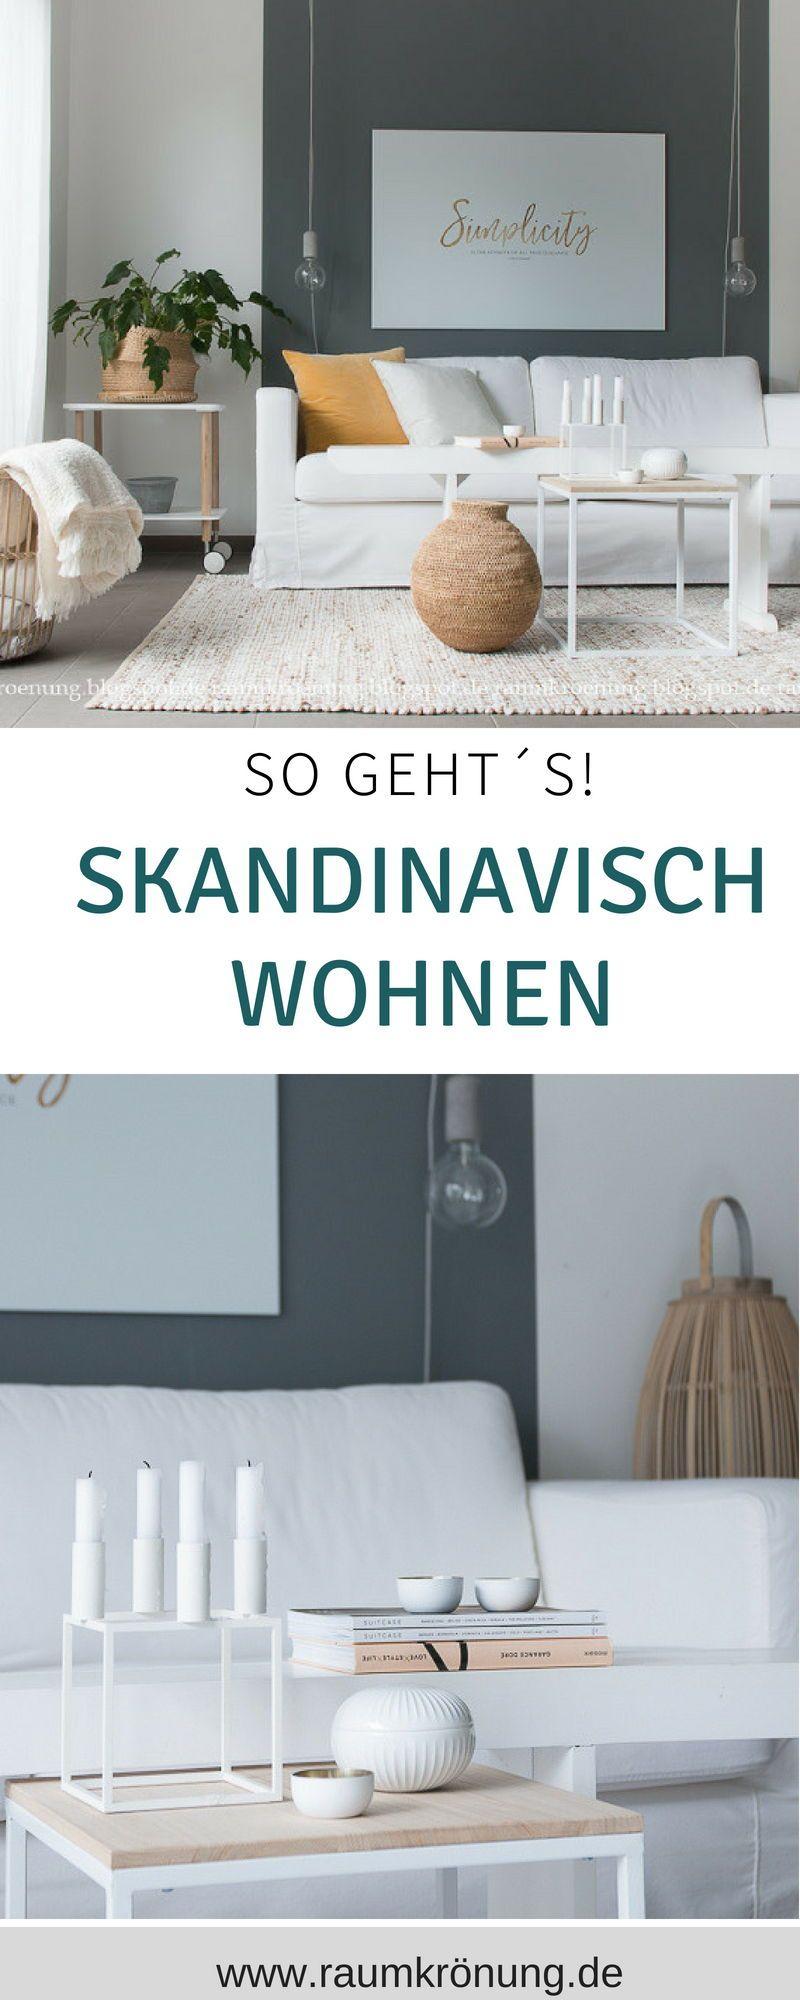 Inspirierend Skandinavische Einrichtung Das Beste Von Skandinavisch Wohnen Wohnzimmer, Einrichtung, Wohninspirationen, Skandinavischer Wohnstil,